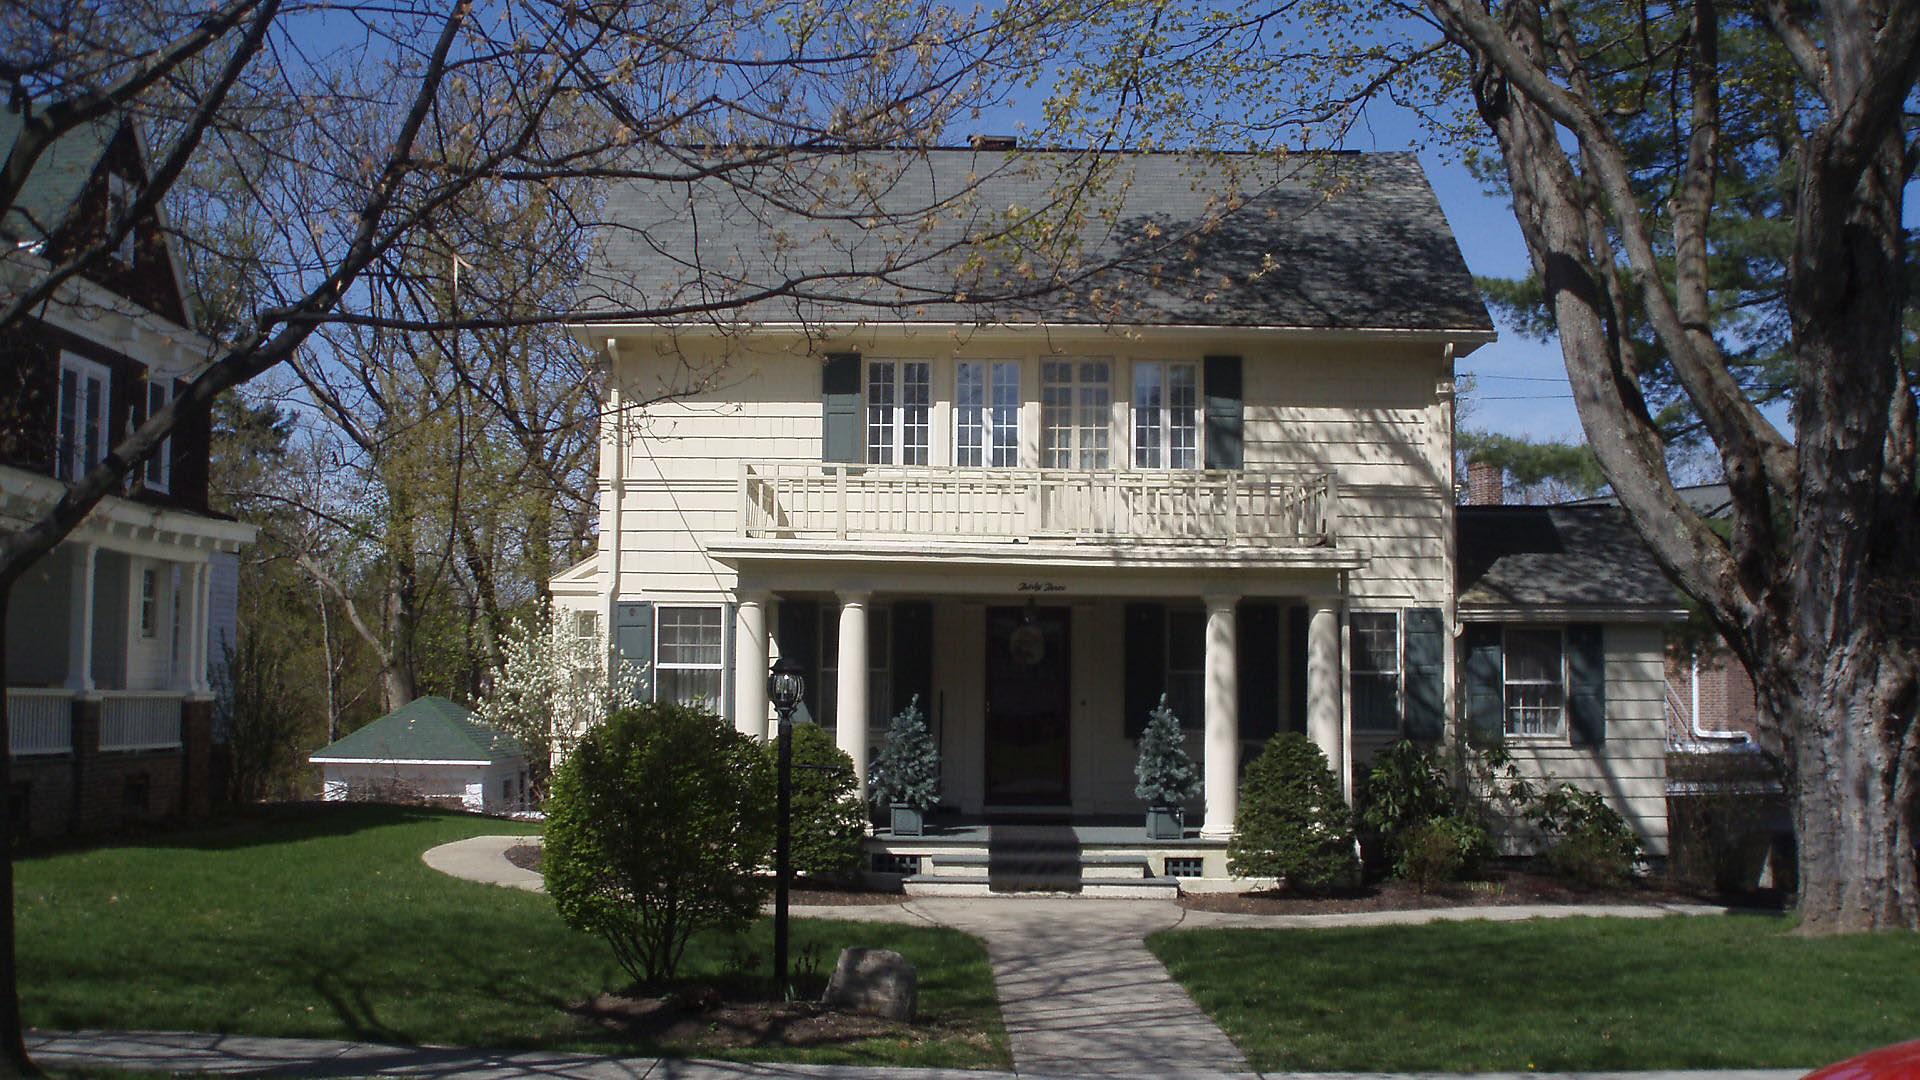 stanton P lee's home on 31 Lakewood.JPG